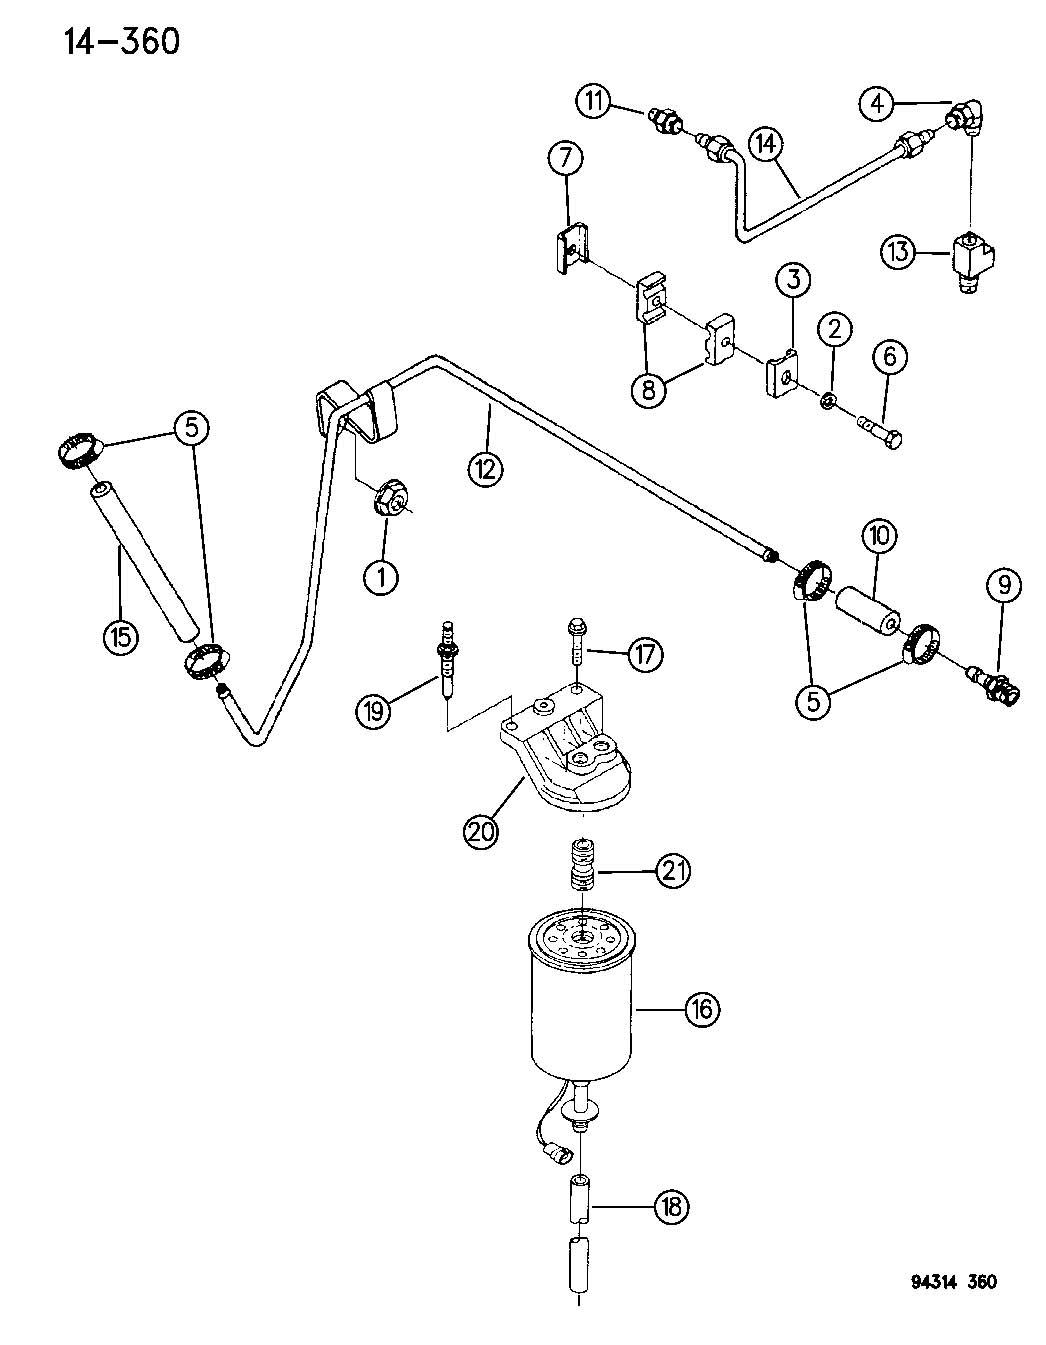 dodge oem parts diagram  dodge  free engine image for user